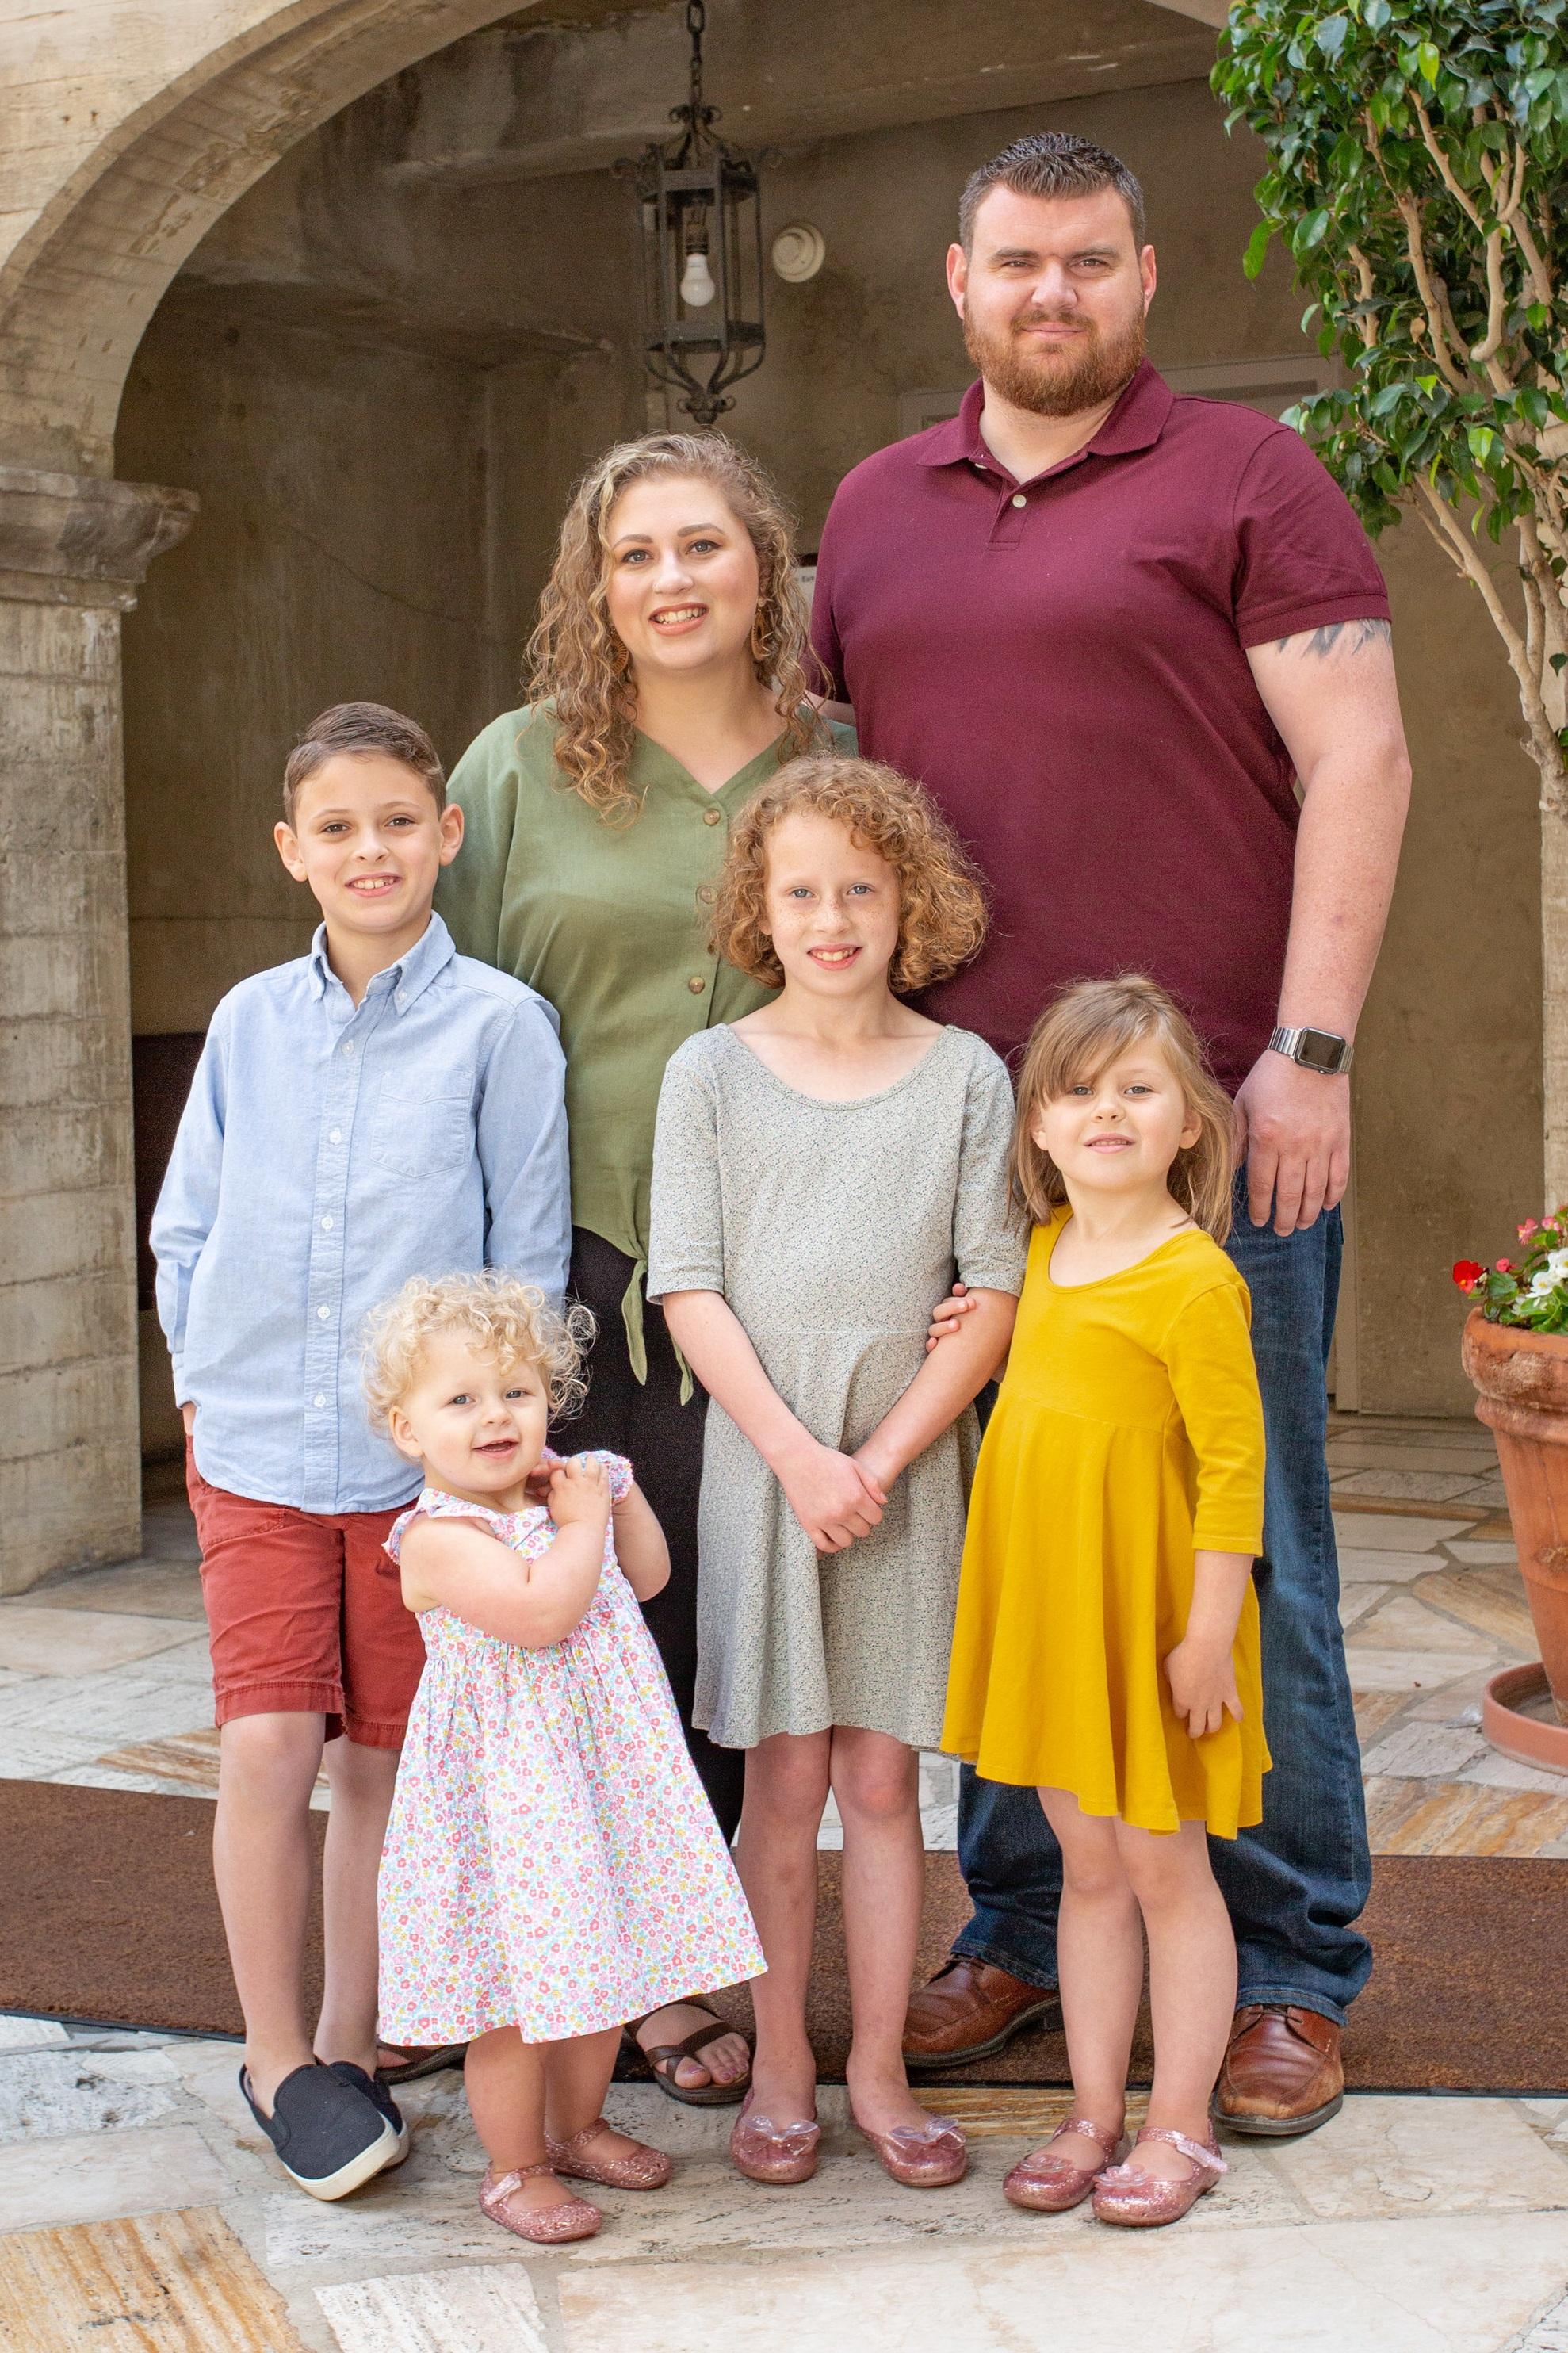 Kasaundra+Meza+Trout+Utah+family+doula.jpg